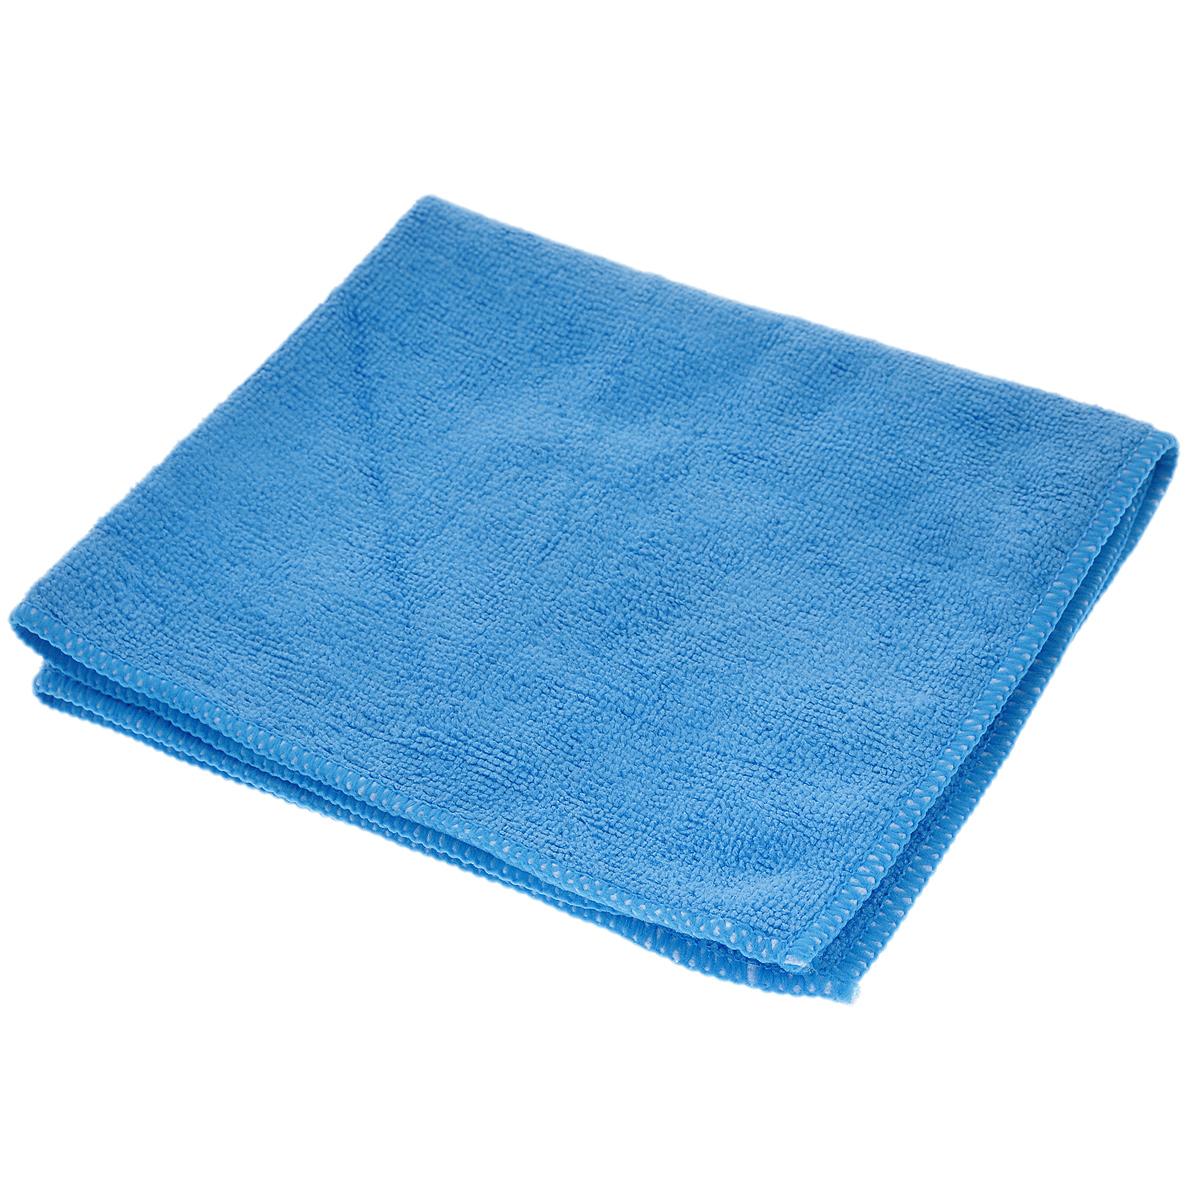 Салфетка из микрофибры Magic Power, для ухода за СВЧ печами и духовыми шкафами, цвет: синий, 35 х 40 смMP-501_синийСалфетка Magic Power, изготовленная из микрофибры (75% полиэстера, 25% полиамида), предназначена для ухода за СВЧ печами и духовыми шкафами, для очистки внешней и внутренней поверхности плит и микроволновых печей от любых видов загрязнений, для полировки и придания блеска. Идеально подходит для использования со средствами Magic Power по уходу за СВЧ-печами и духовыми шкафами. Не оставляет разводов и ворсинок. Обладает повышенной прочностью.